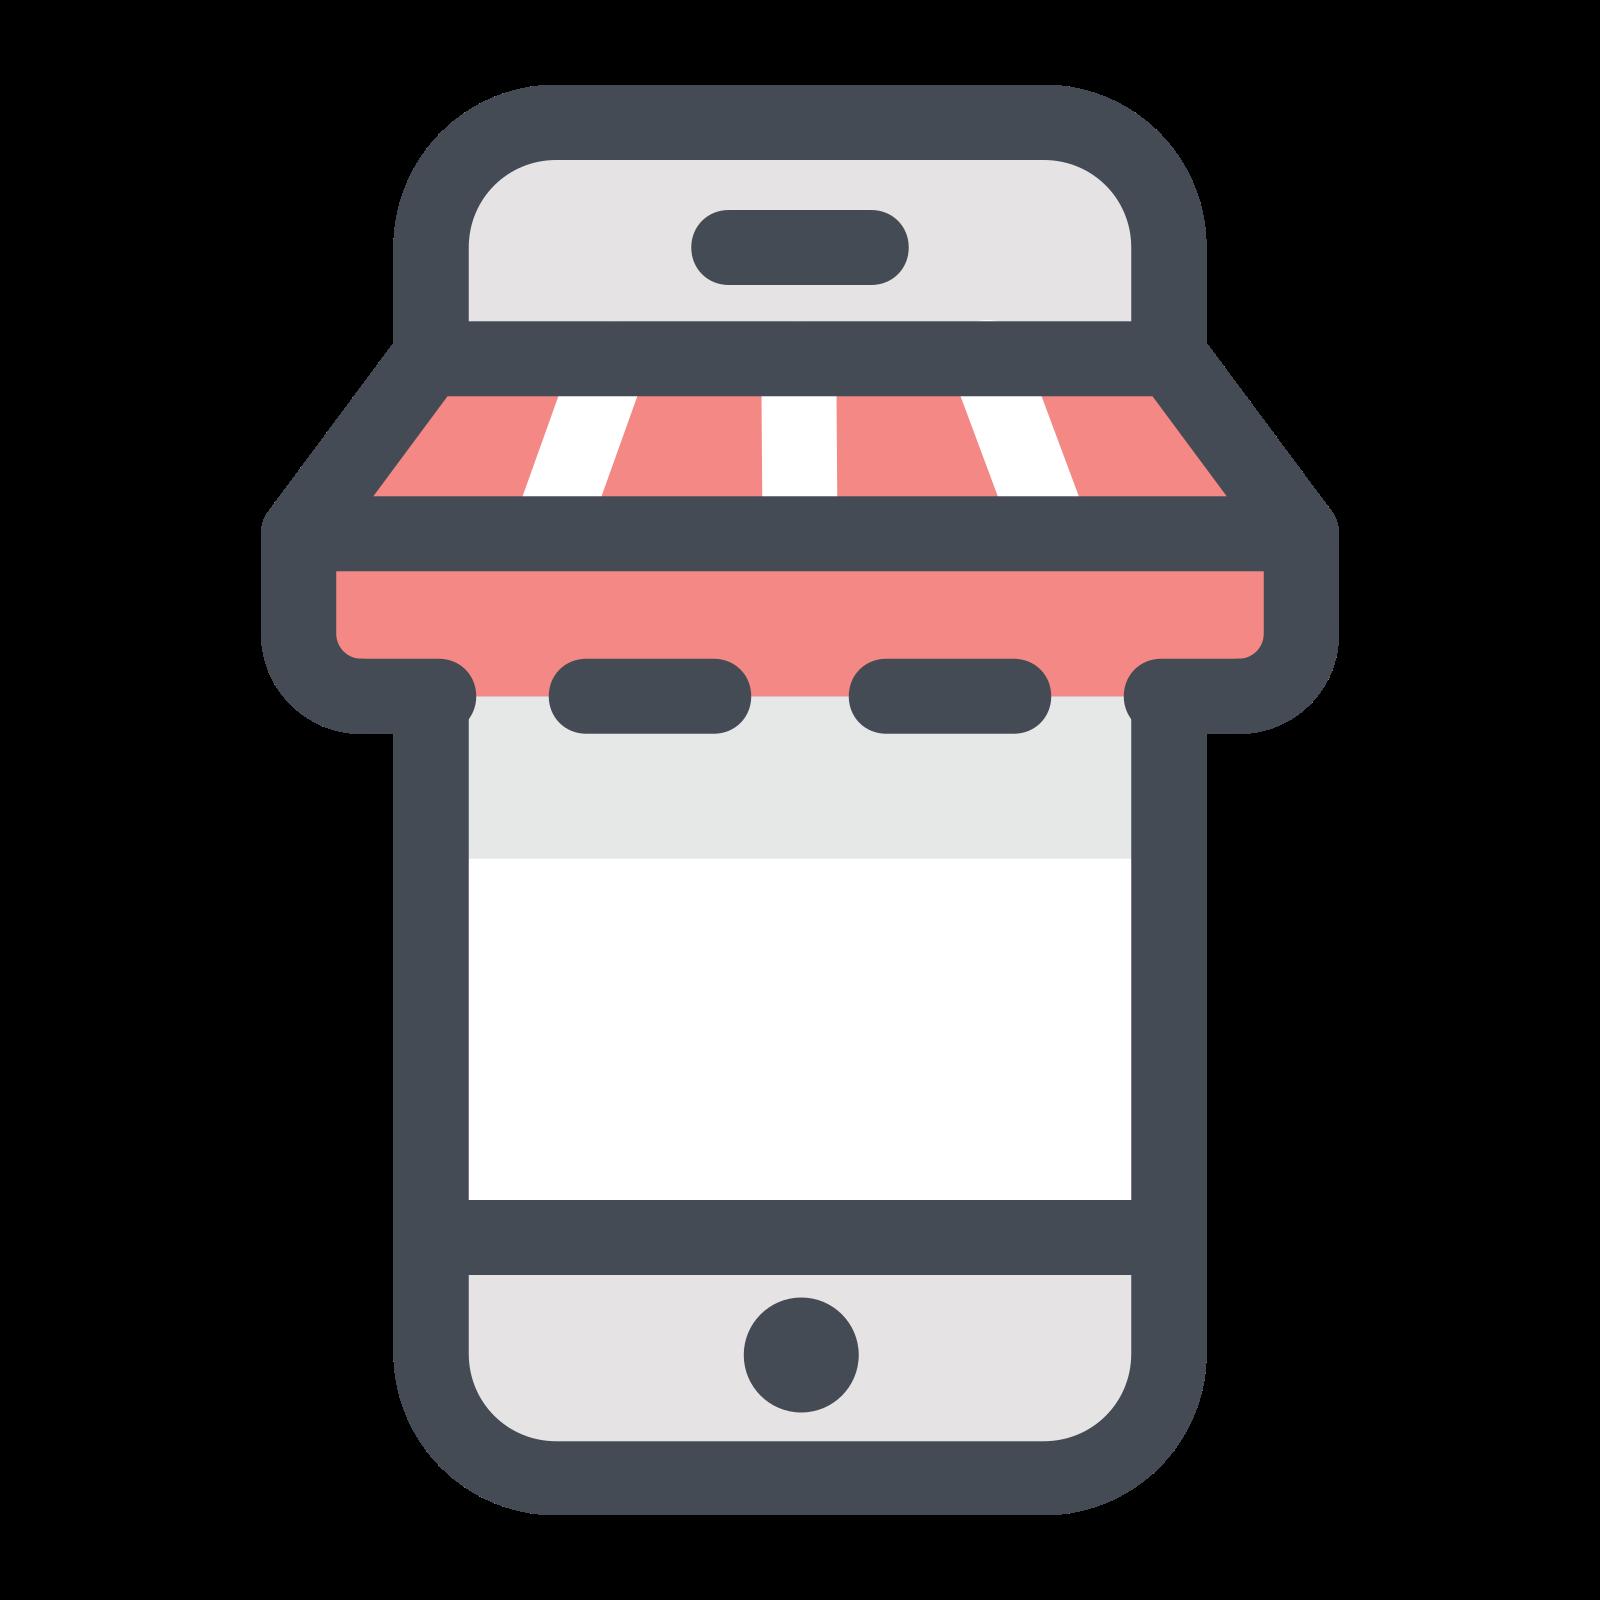 Mobilne zakupy icon